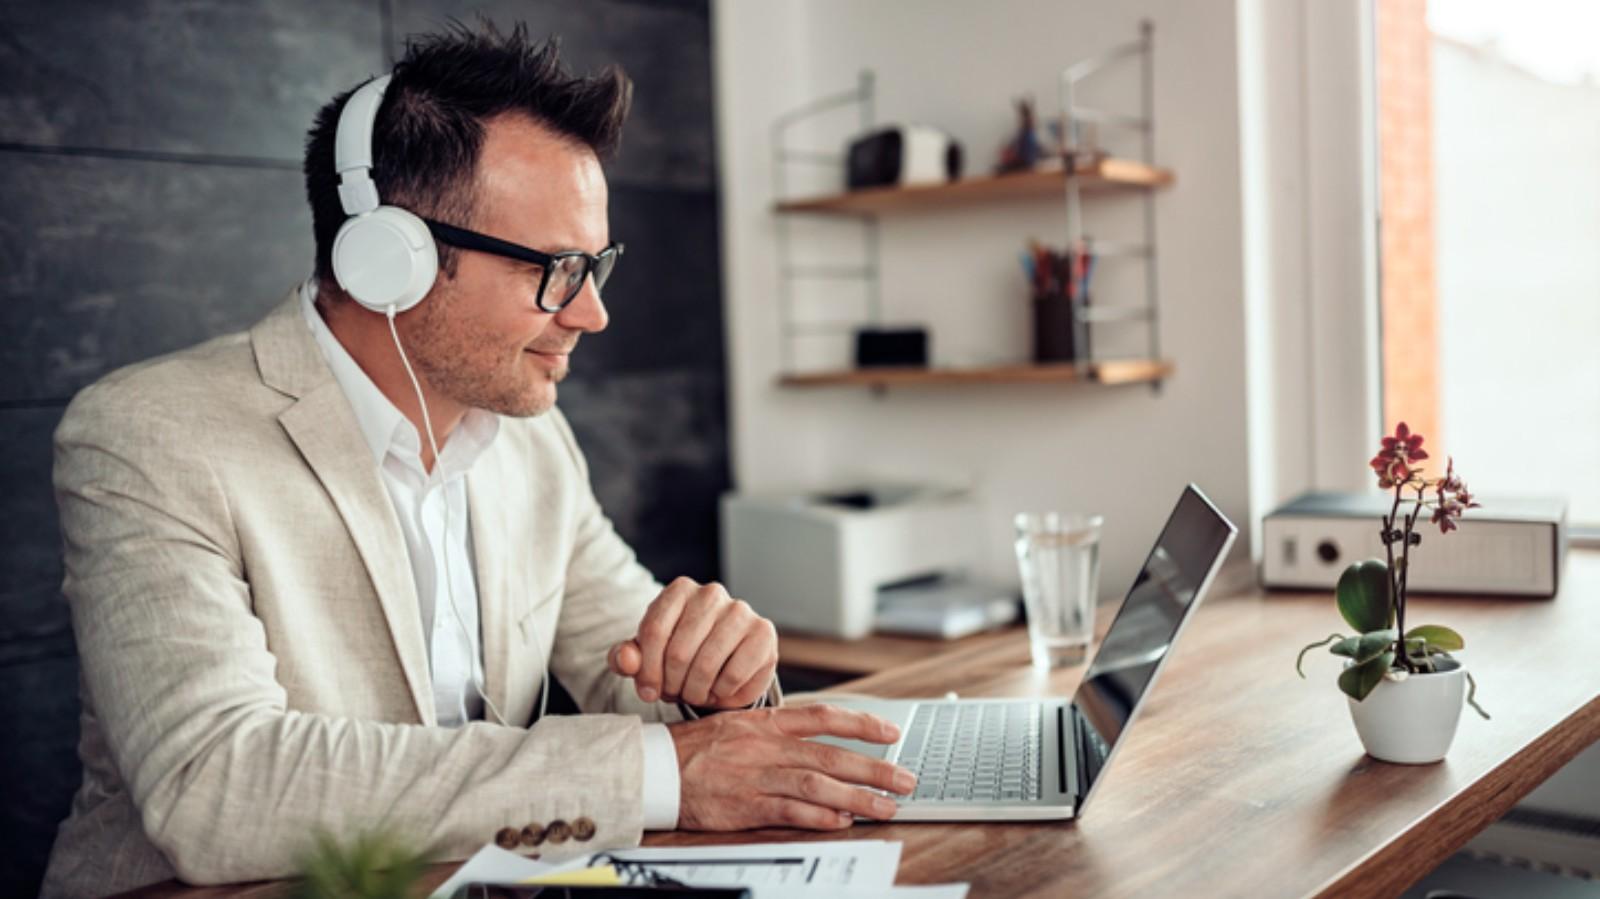 Cursos online: veja as vantagens de investir nesse mercado